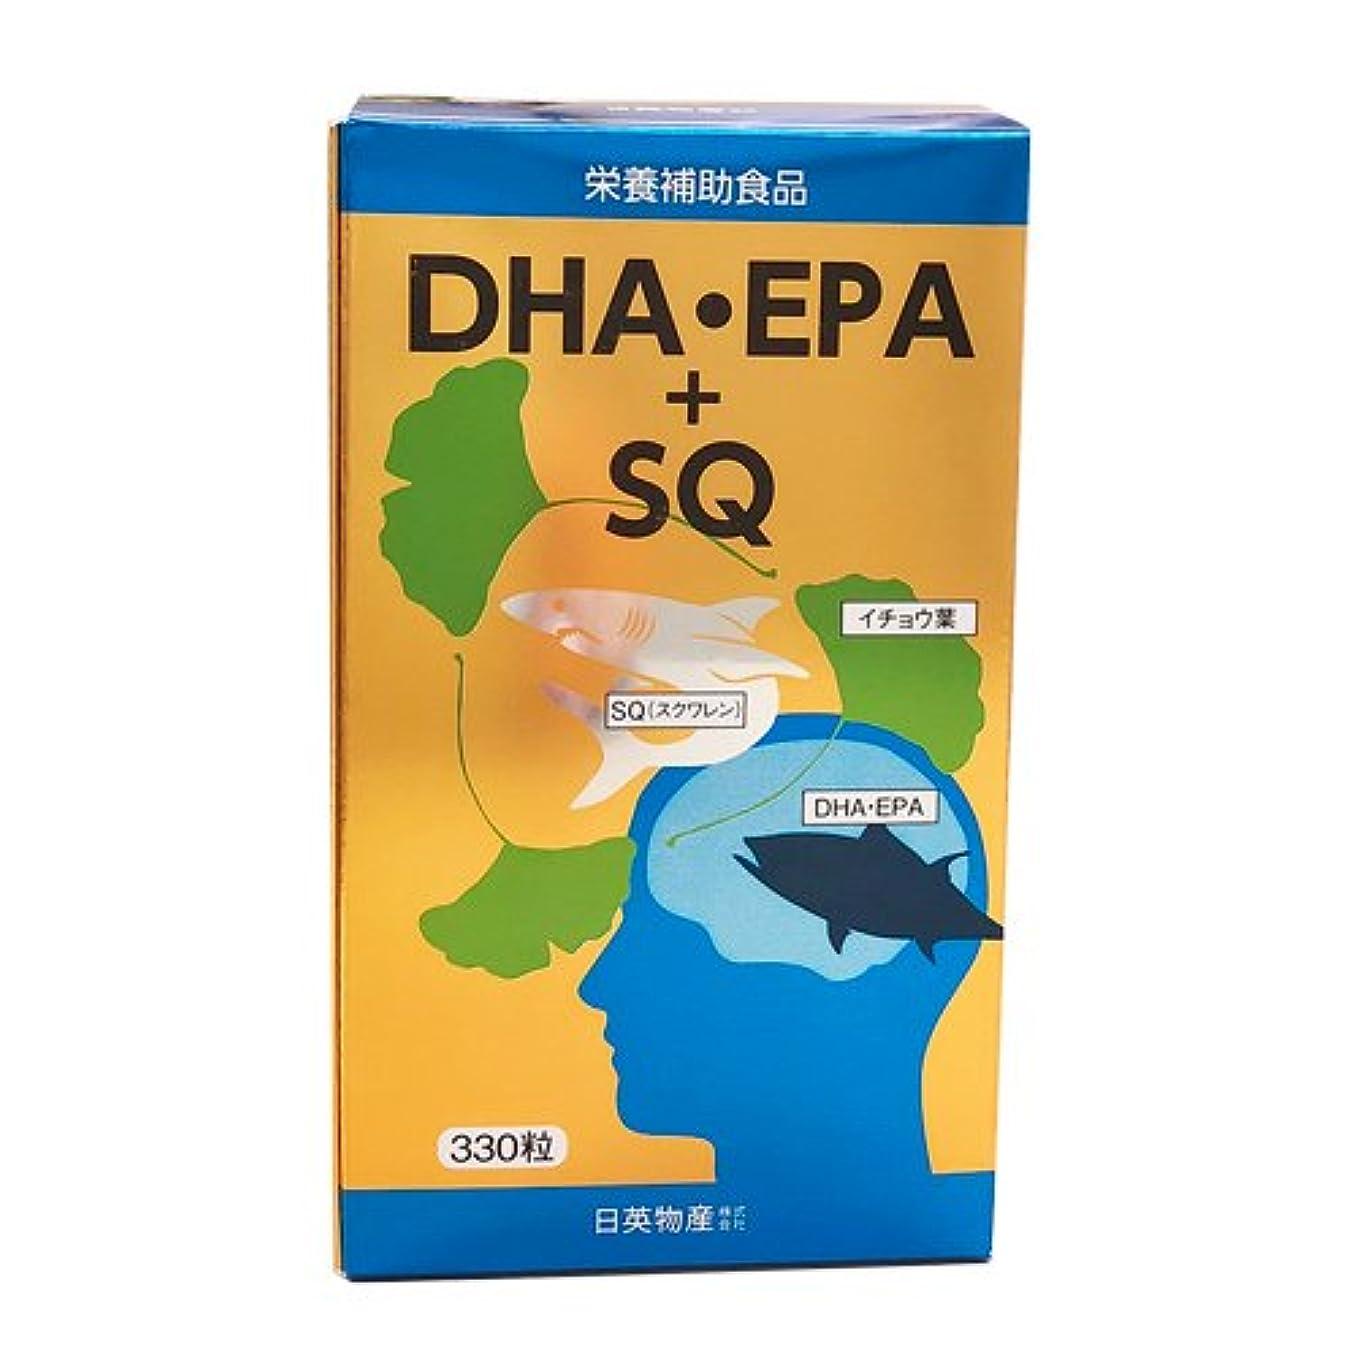 宗教的な仕立て屋各DHA・EPA+SQ